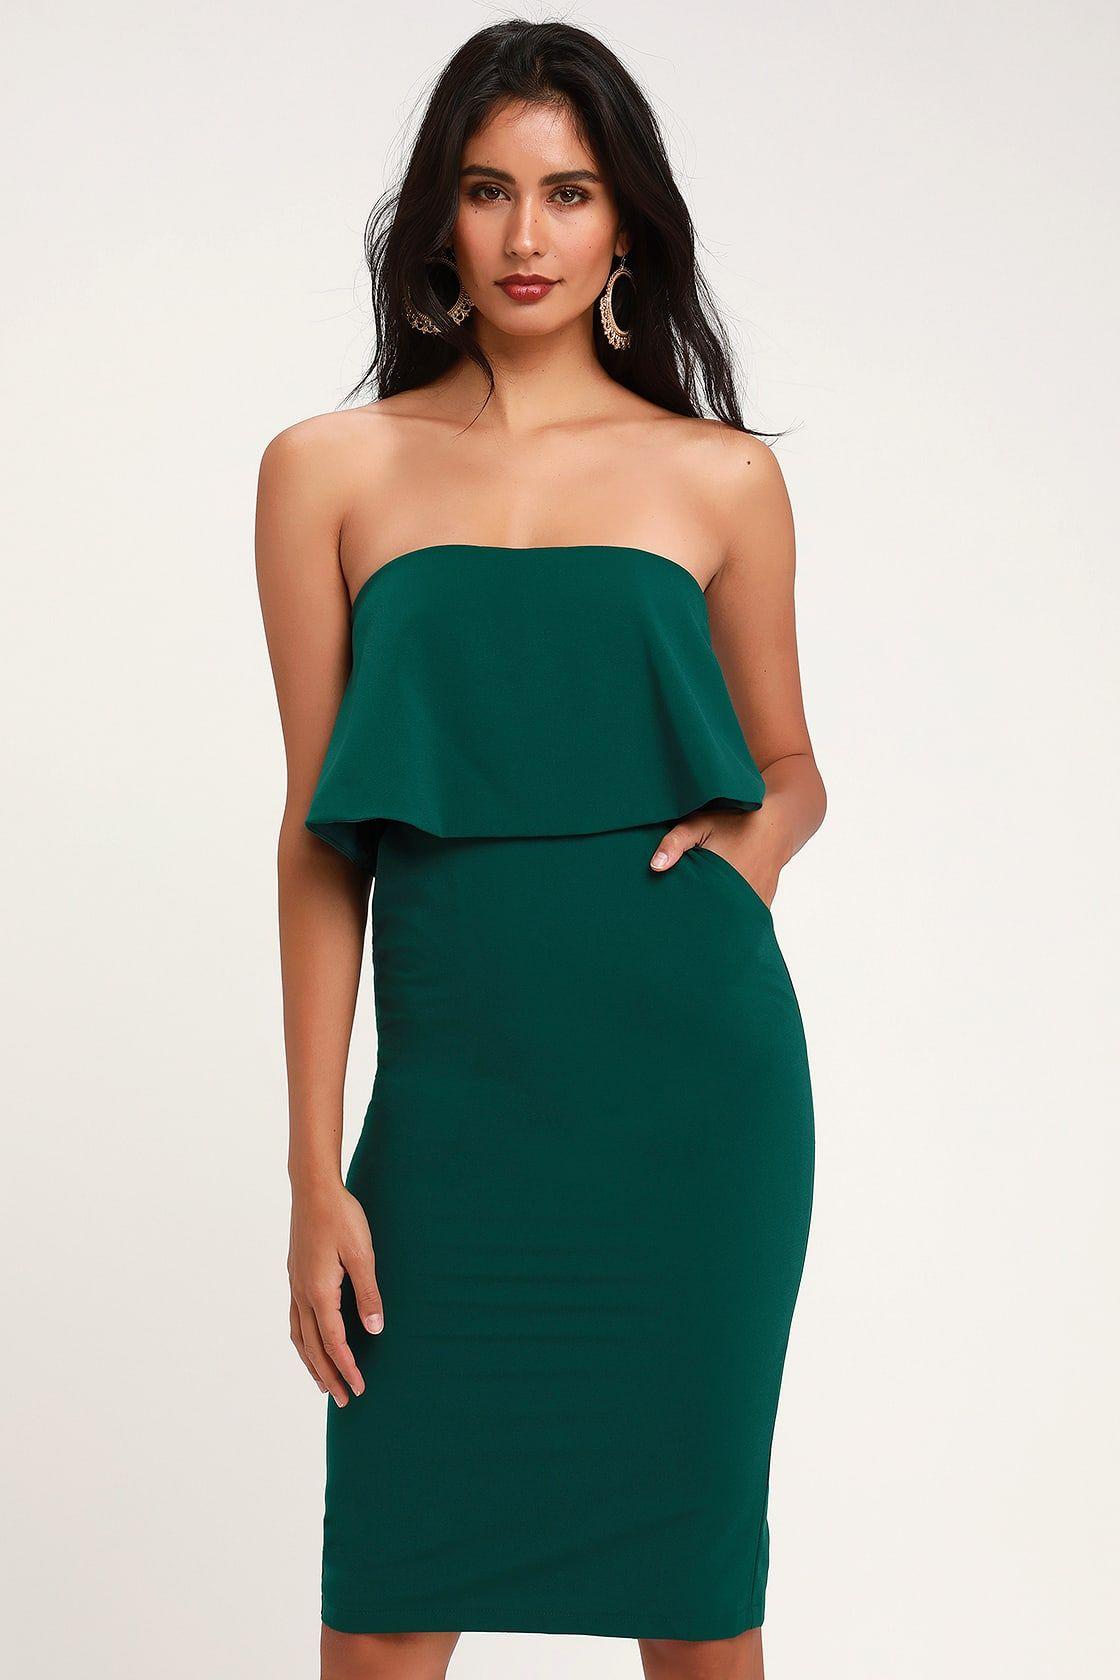 Lots Of Love Emerald Green Strapless Midi Dress Strapless Midi Dress Satin Midi Dress Green Formal Dresses [ 1680 x 1120 Pixel ]